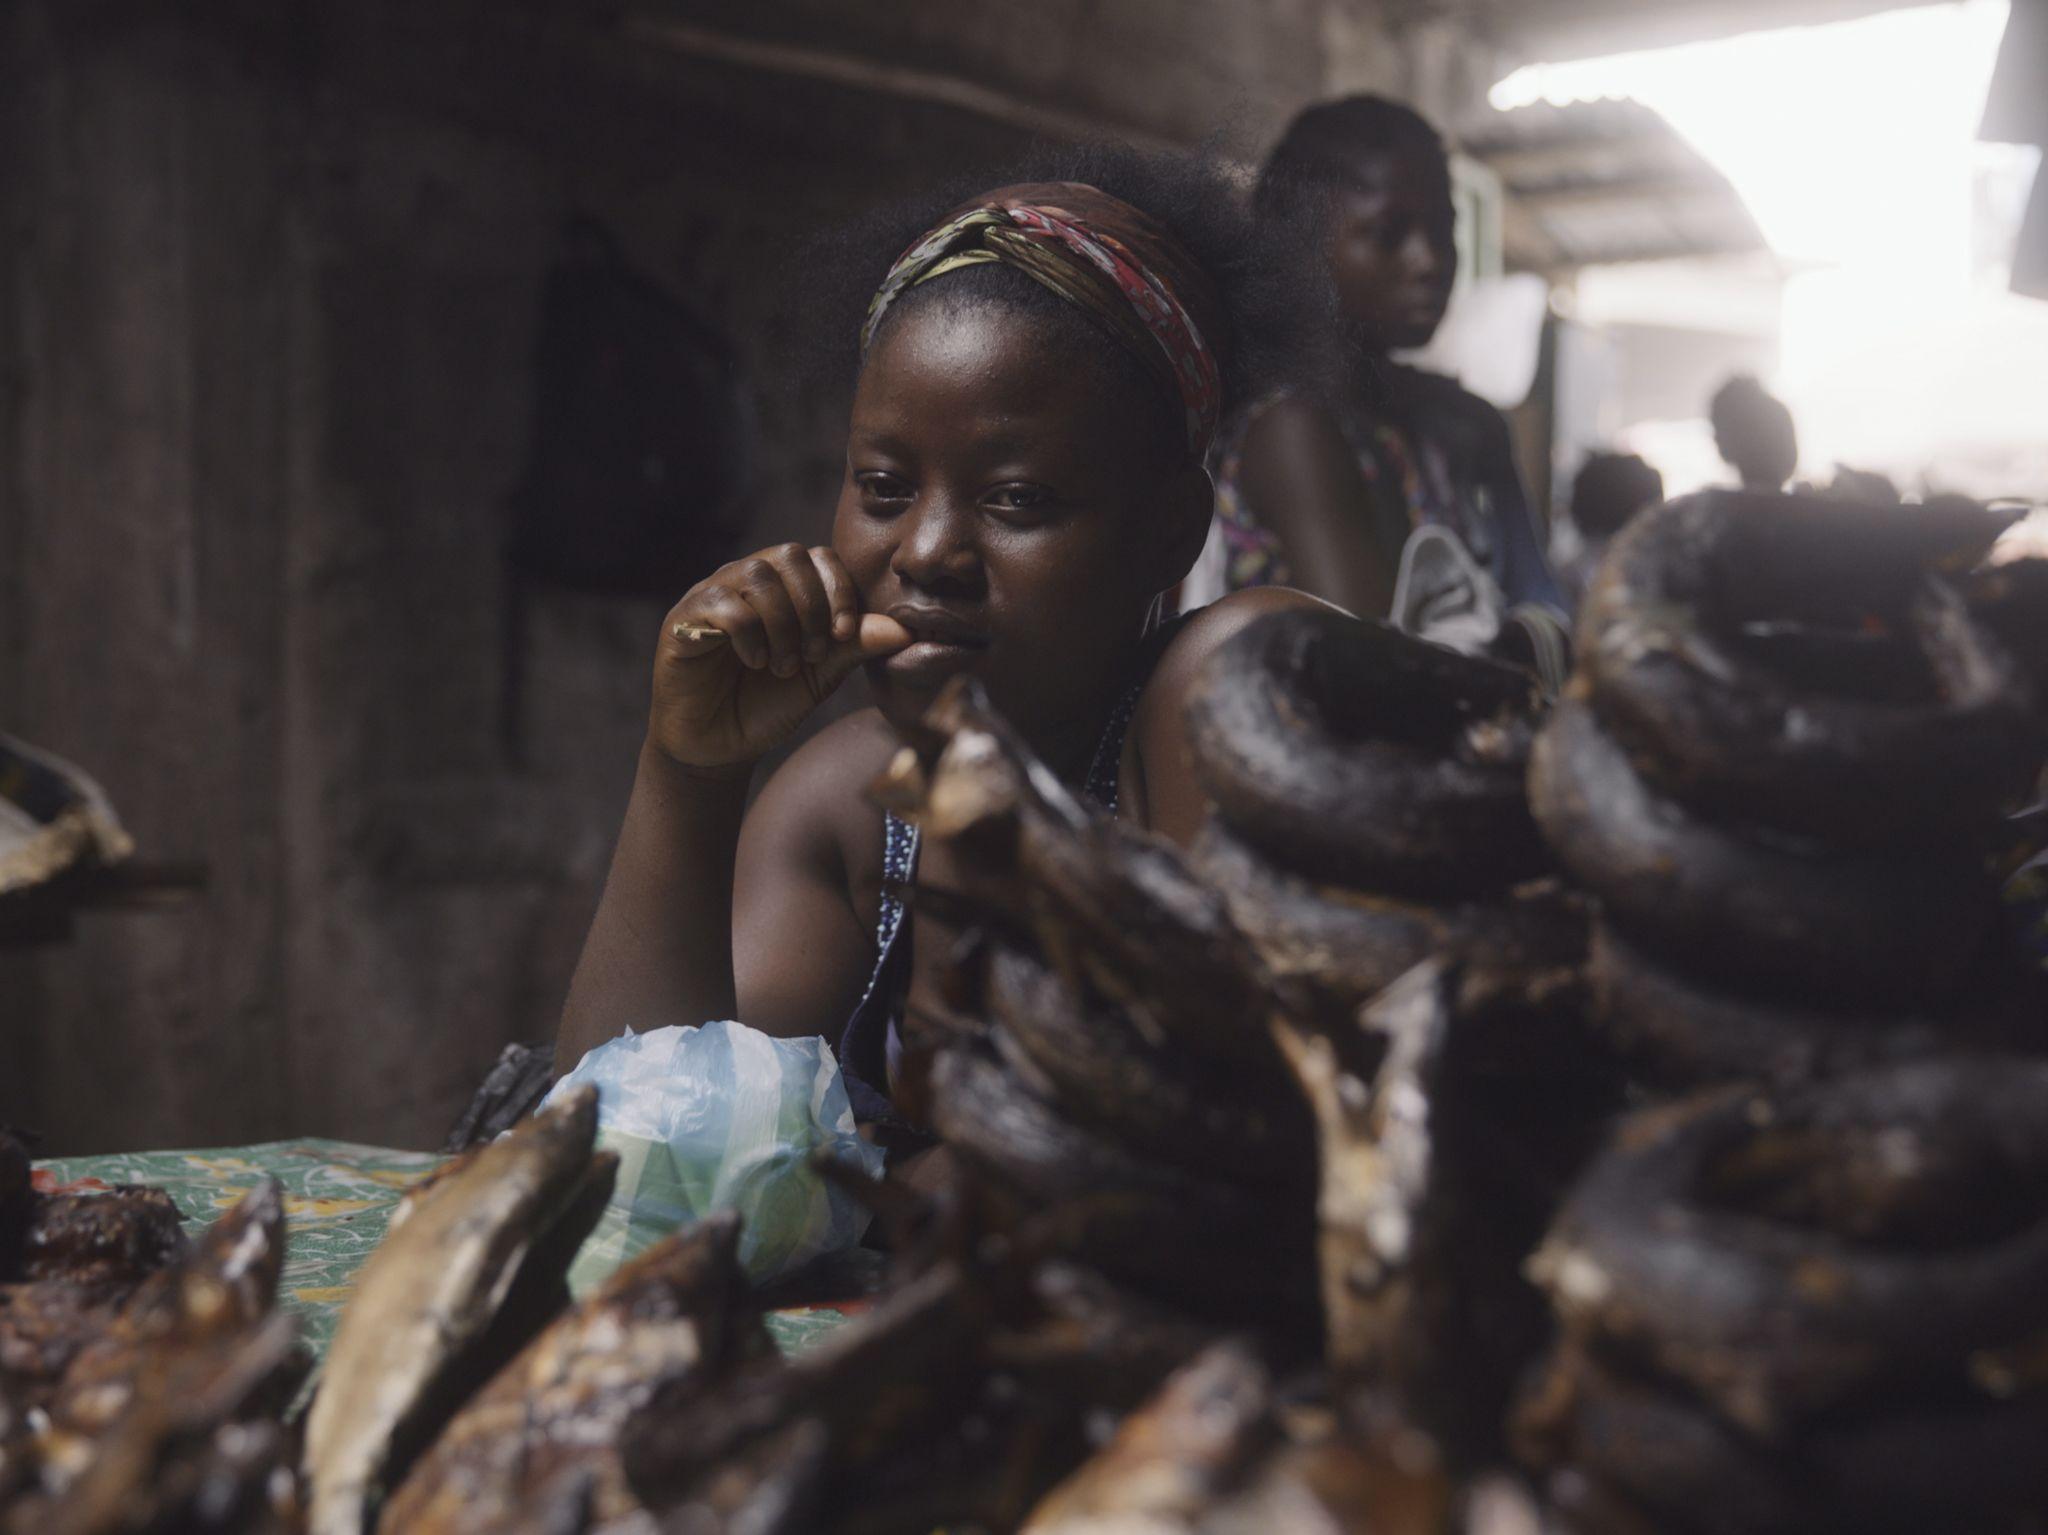 سيدة تبيع لحوم الفرائس في أحد الأسواق وهو يمثل خطرًا... [Photo of the day - نوفمبر 2020]